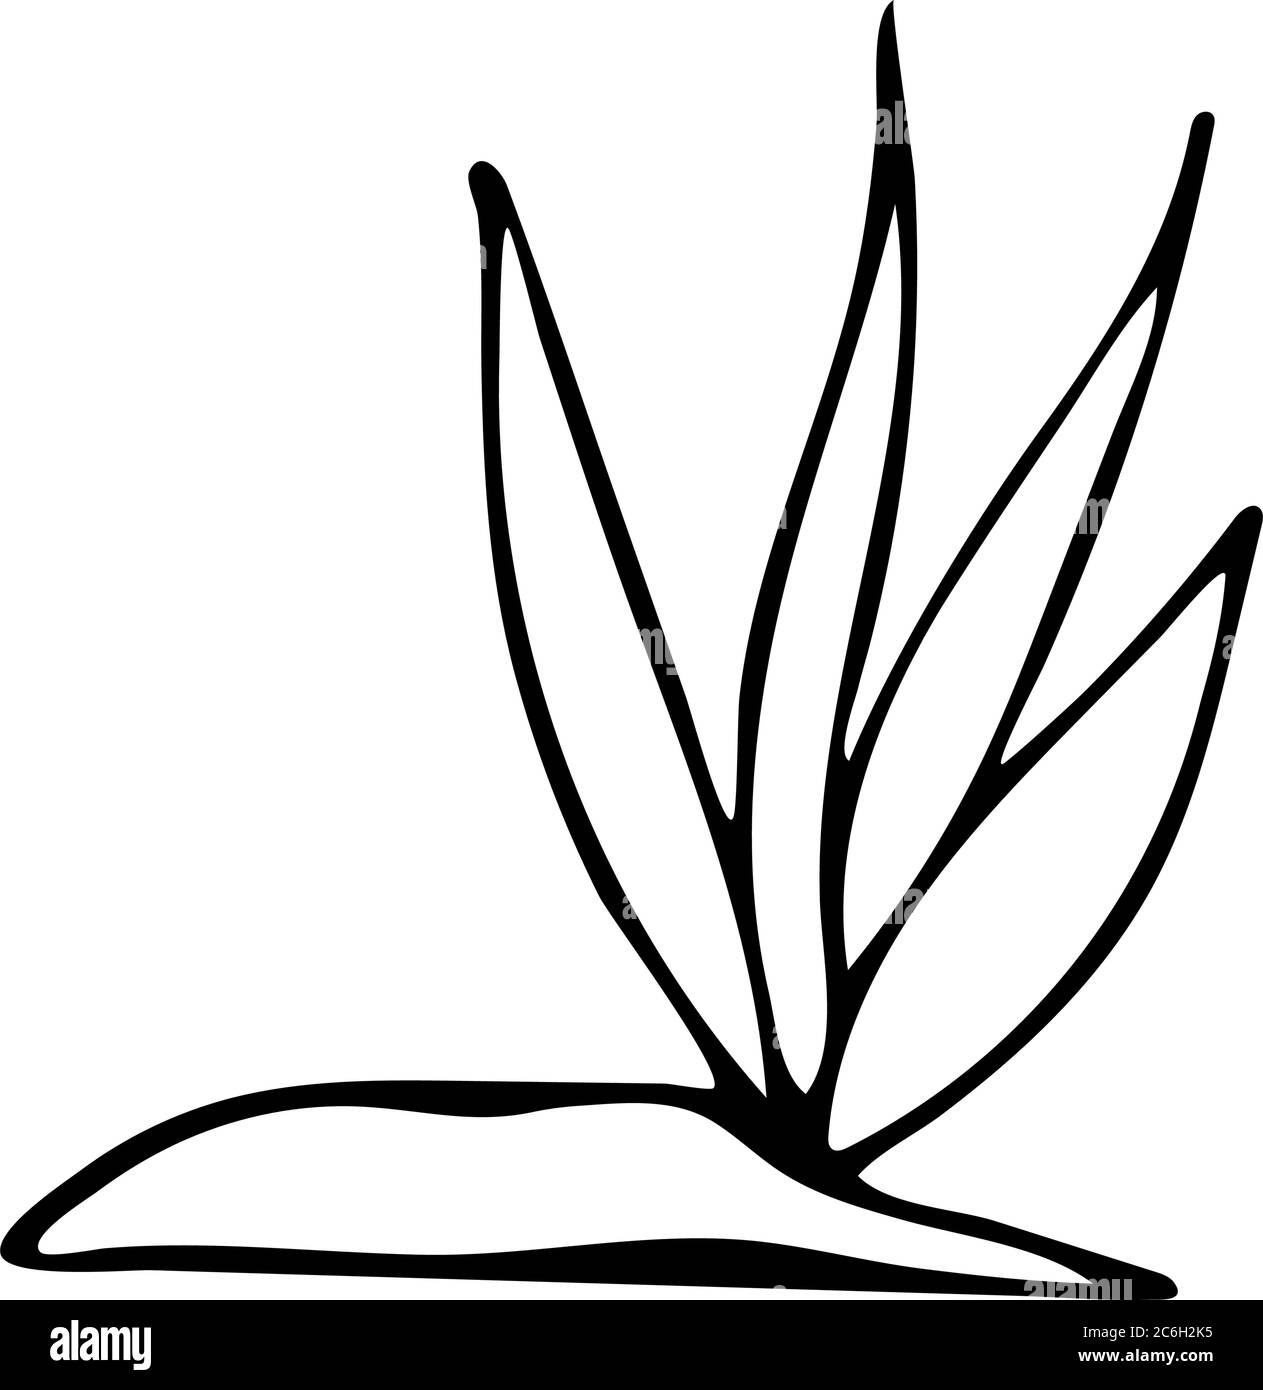 Croquis d'algue noir et blanc. Illustration vectorielle pour livre ...